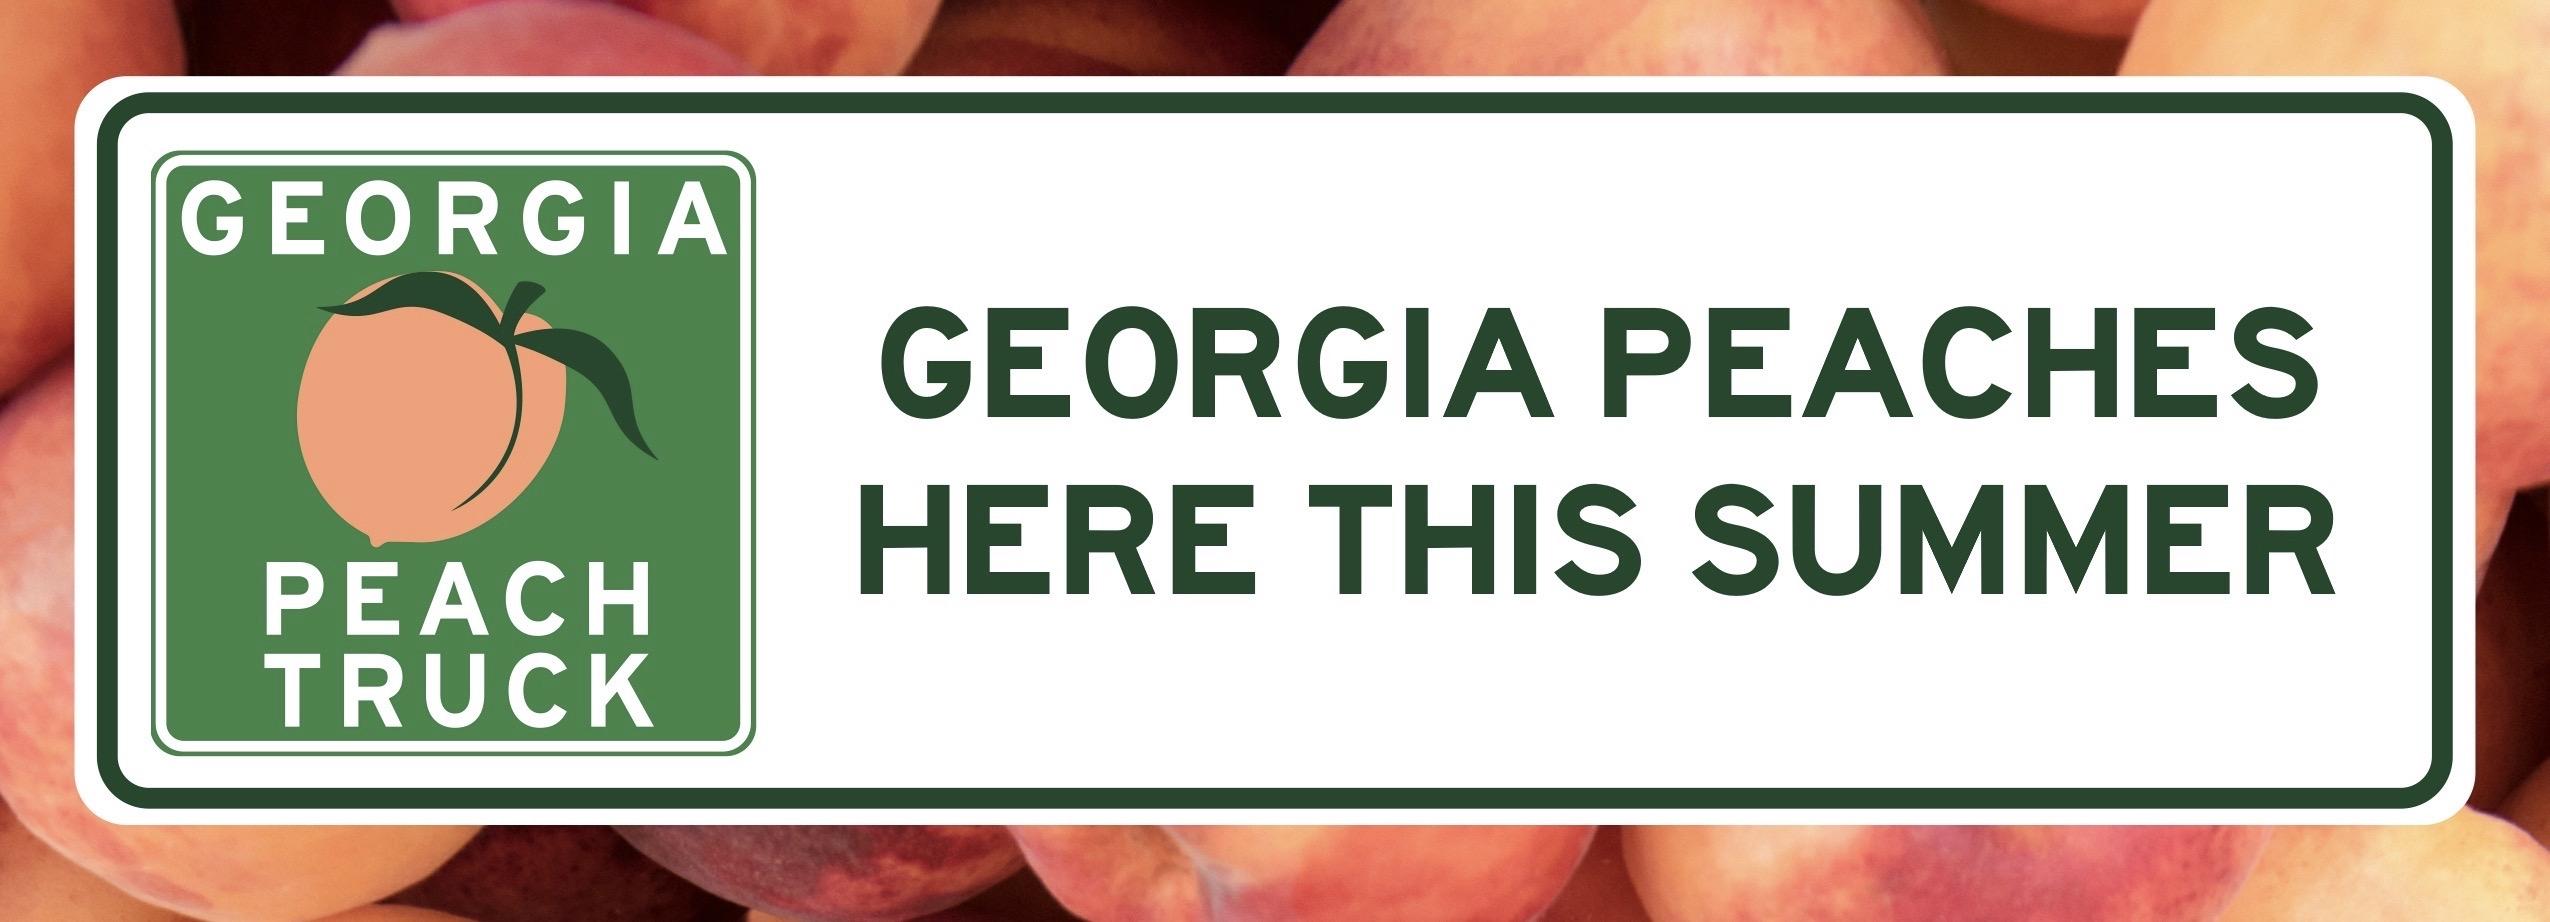 Georgia Peach Truck Banner